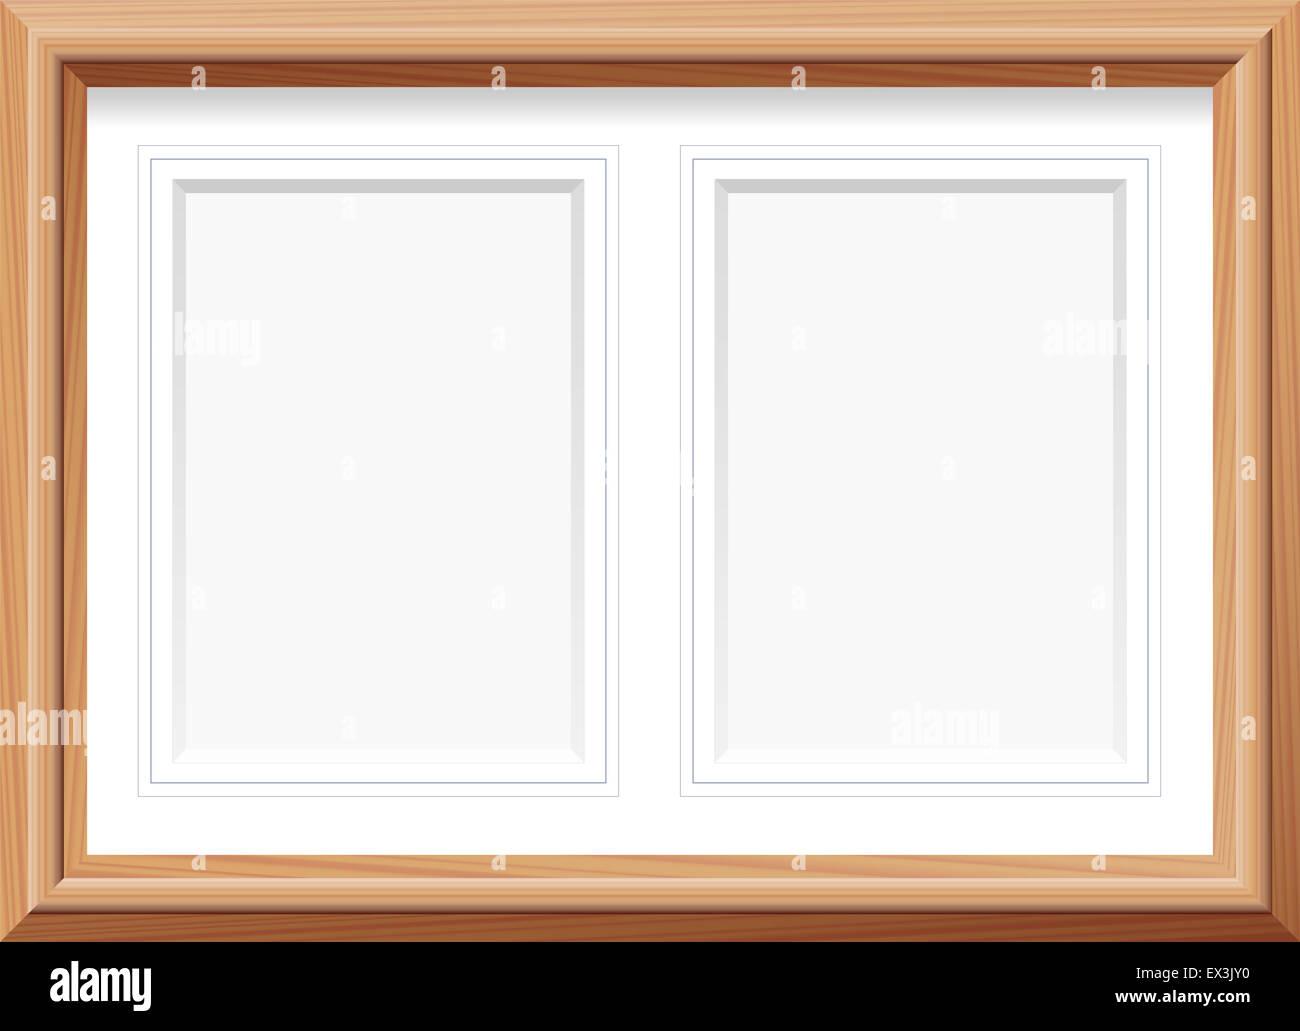 Photo Frame Wooden Horizontal Stockfotos & Photo Frame Wooden ...